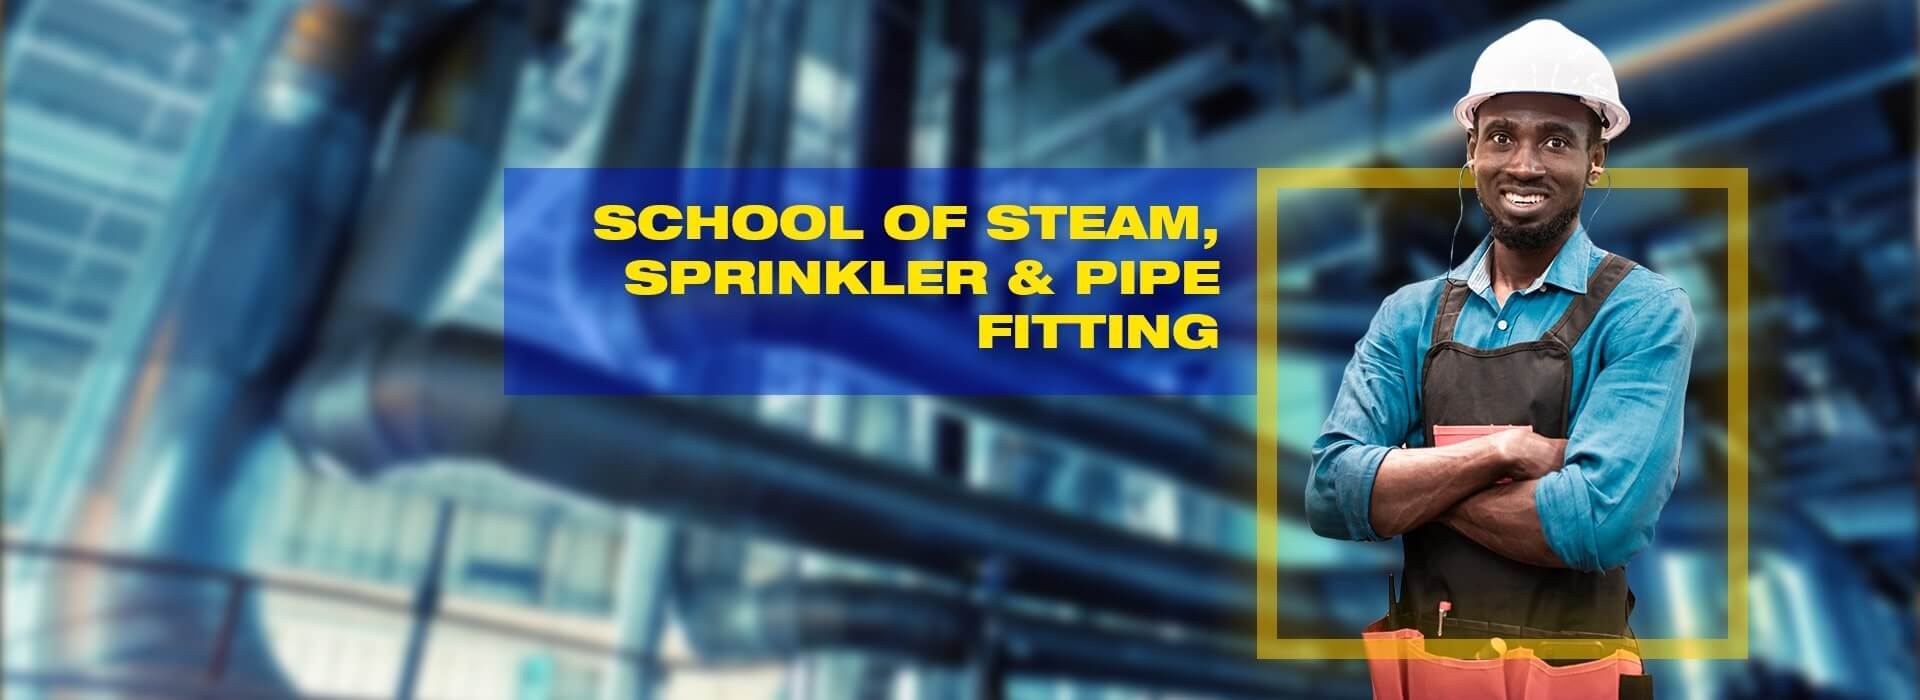 Steam Sprinkler and Pipe Fitter Program